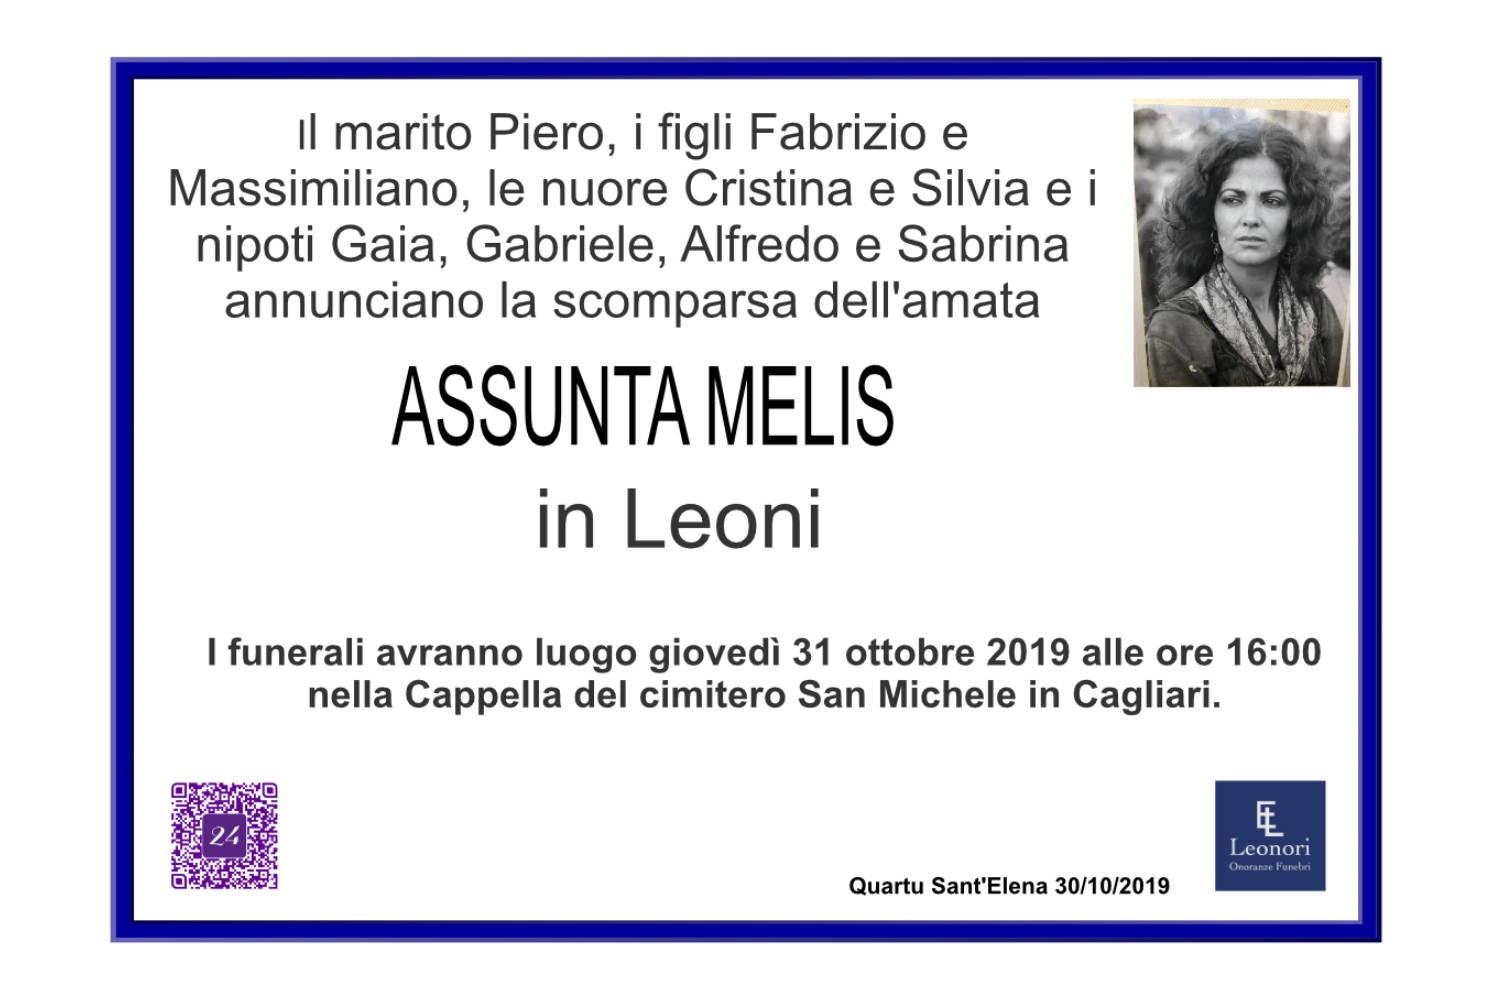 Assunta Melis